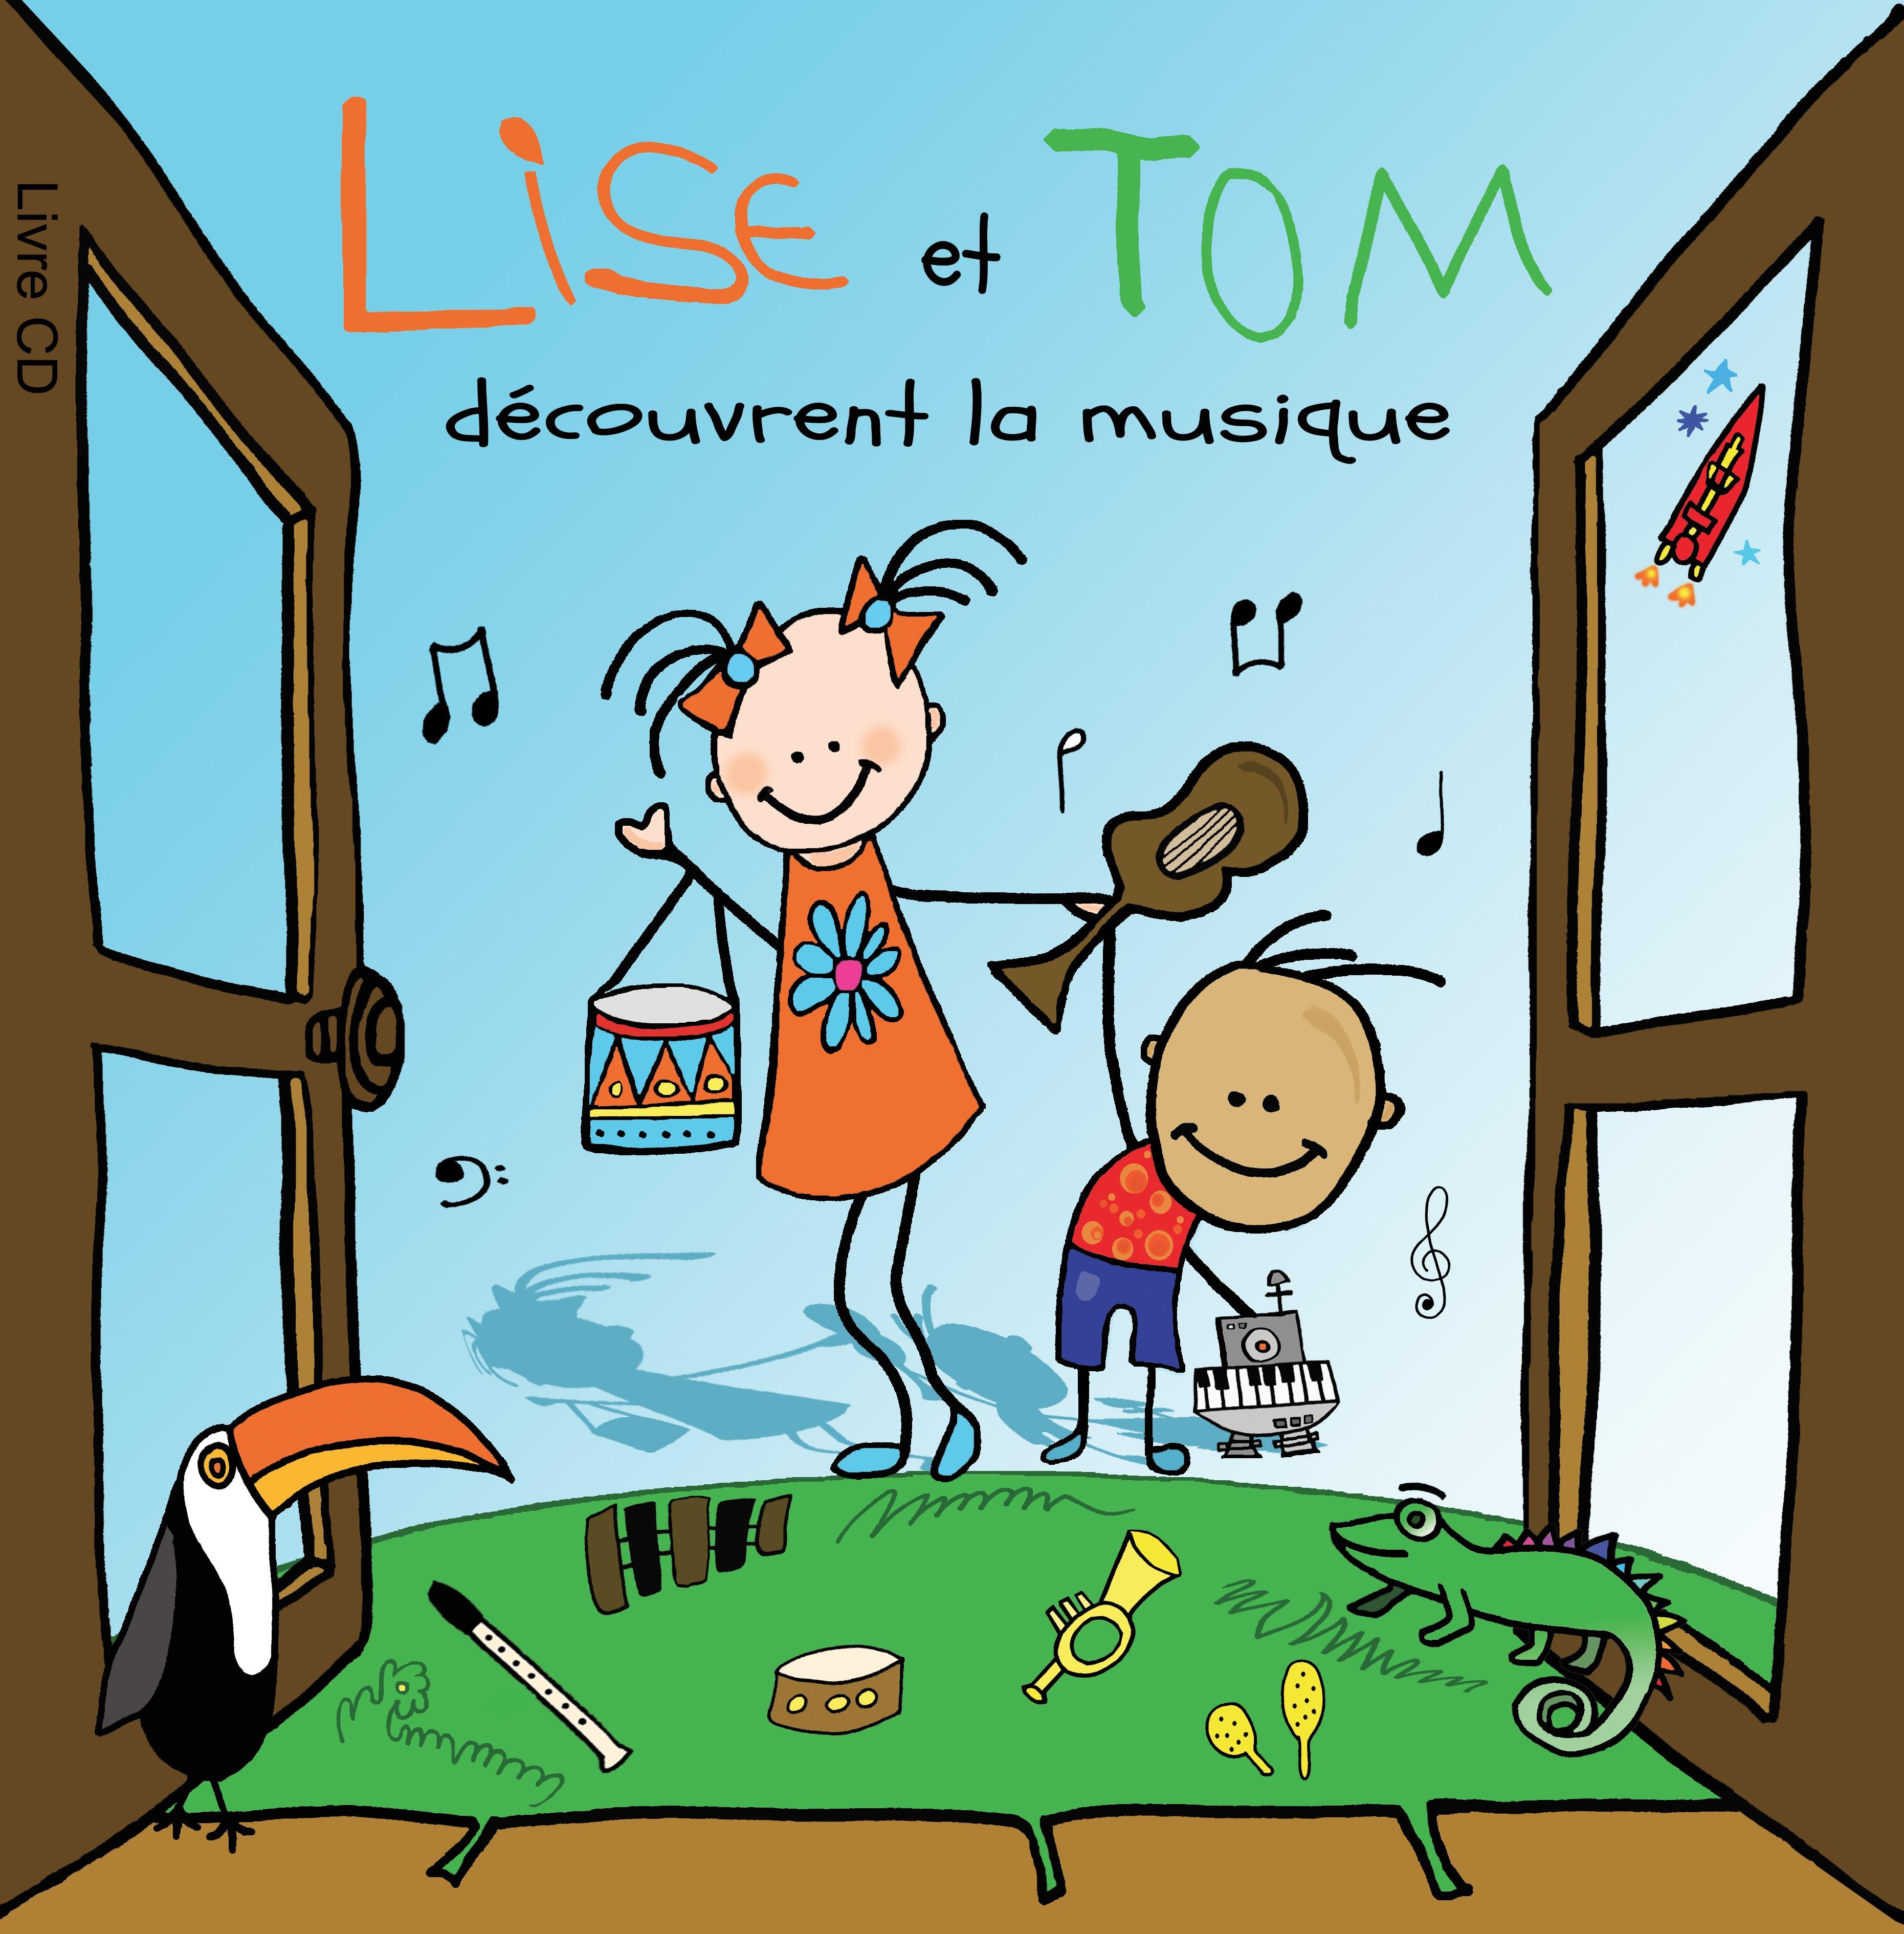 conte musical lise et Tom découvrent la musique